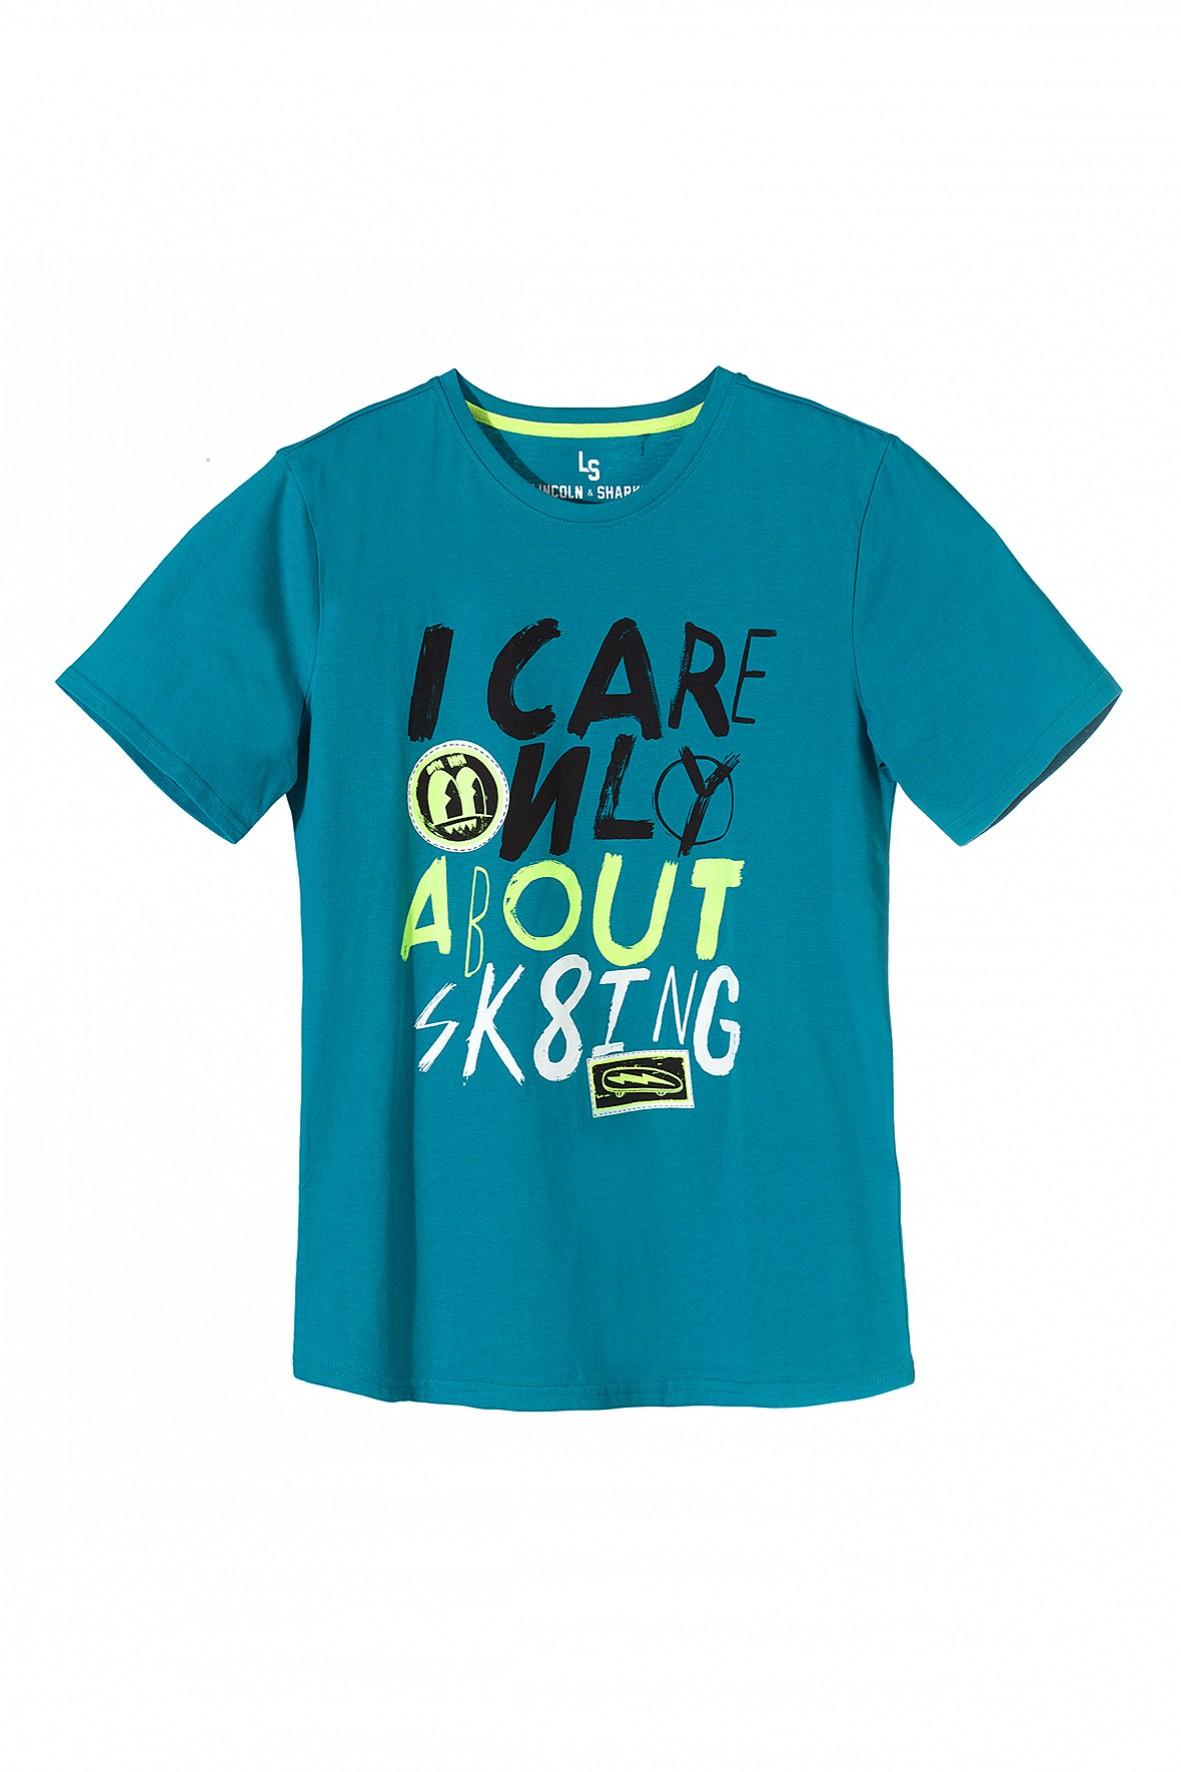 Koszulka chłopięca niebieska z krótkim rękawem -Sk8ing